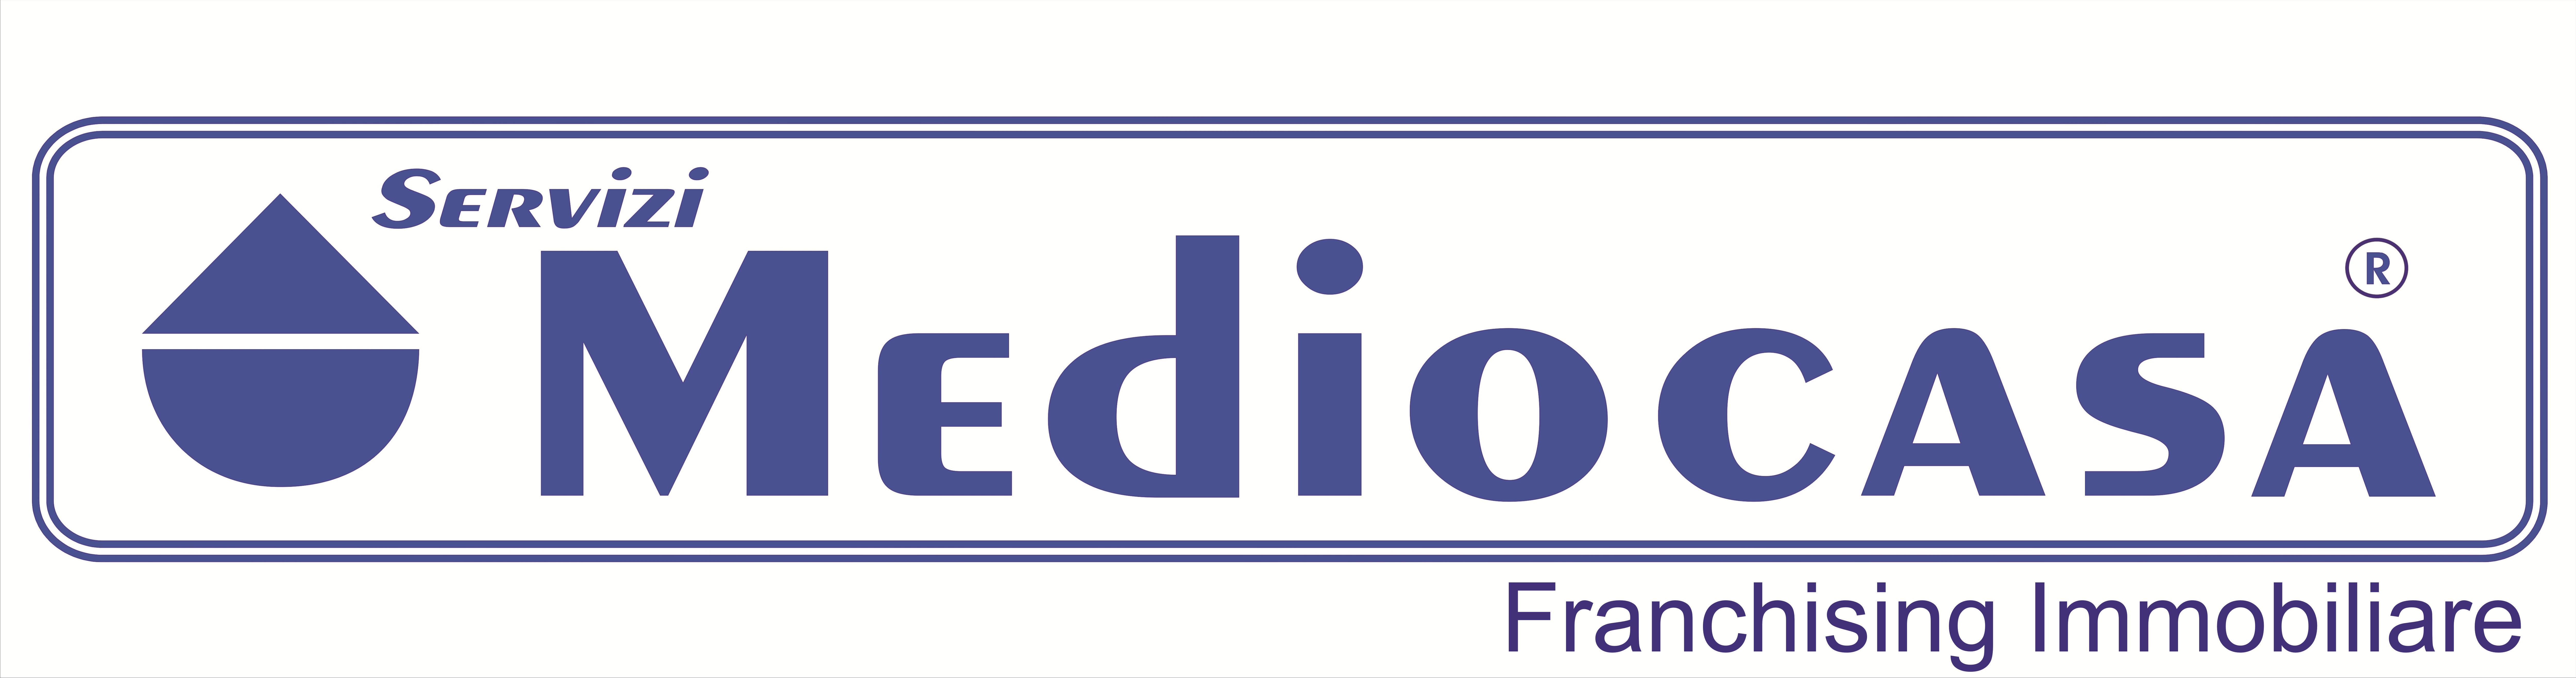 marchio-mediocasa